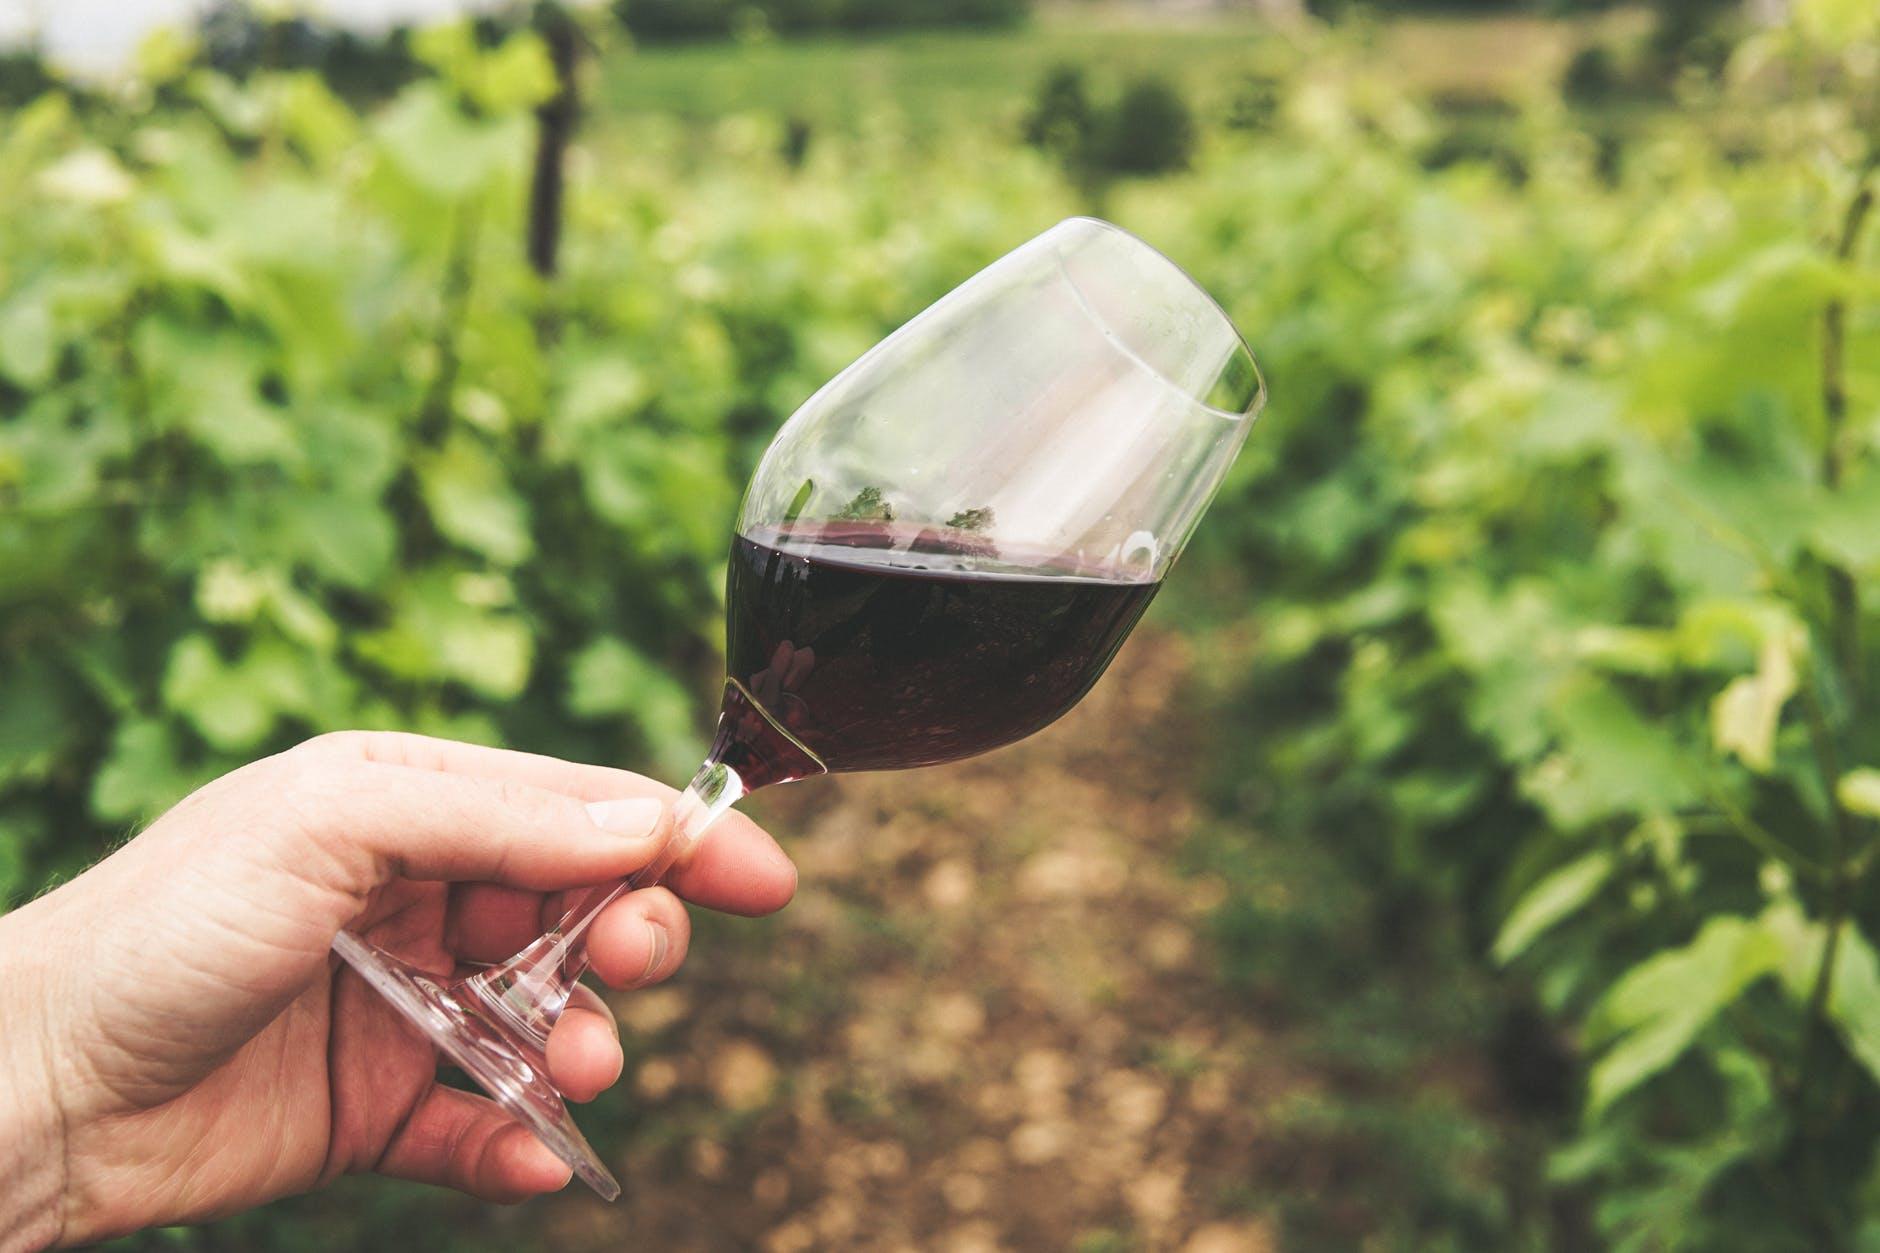 7 испанских виноделен попали в список лучших в мире в 2021 году